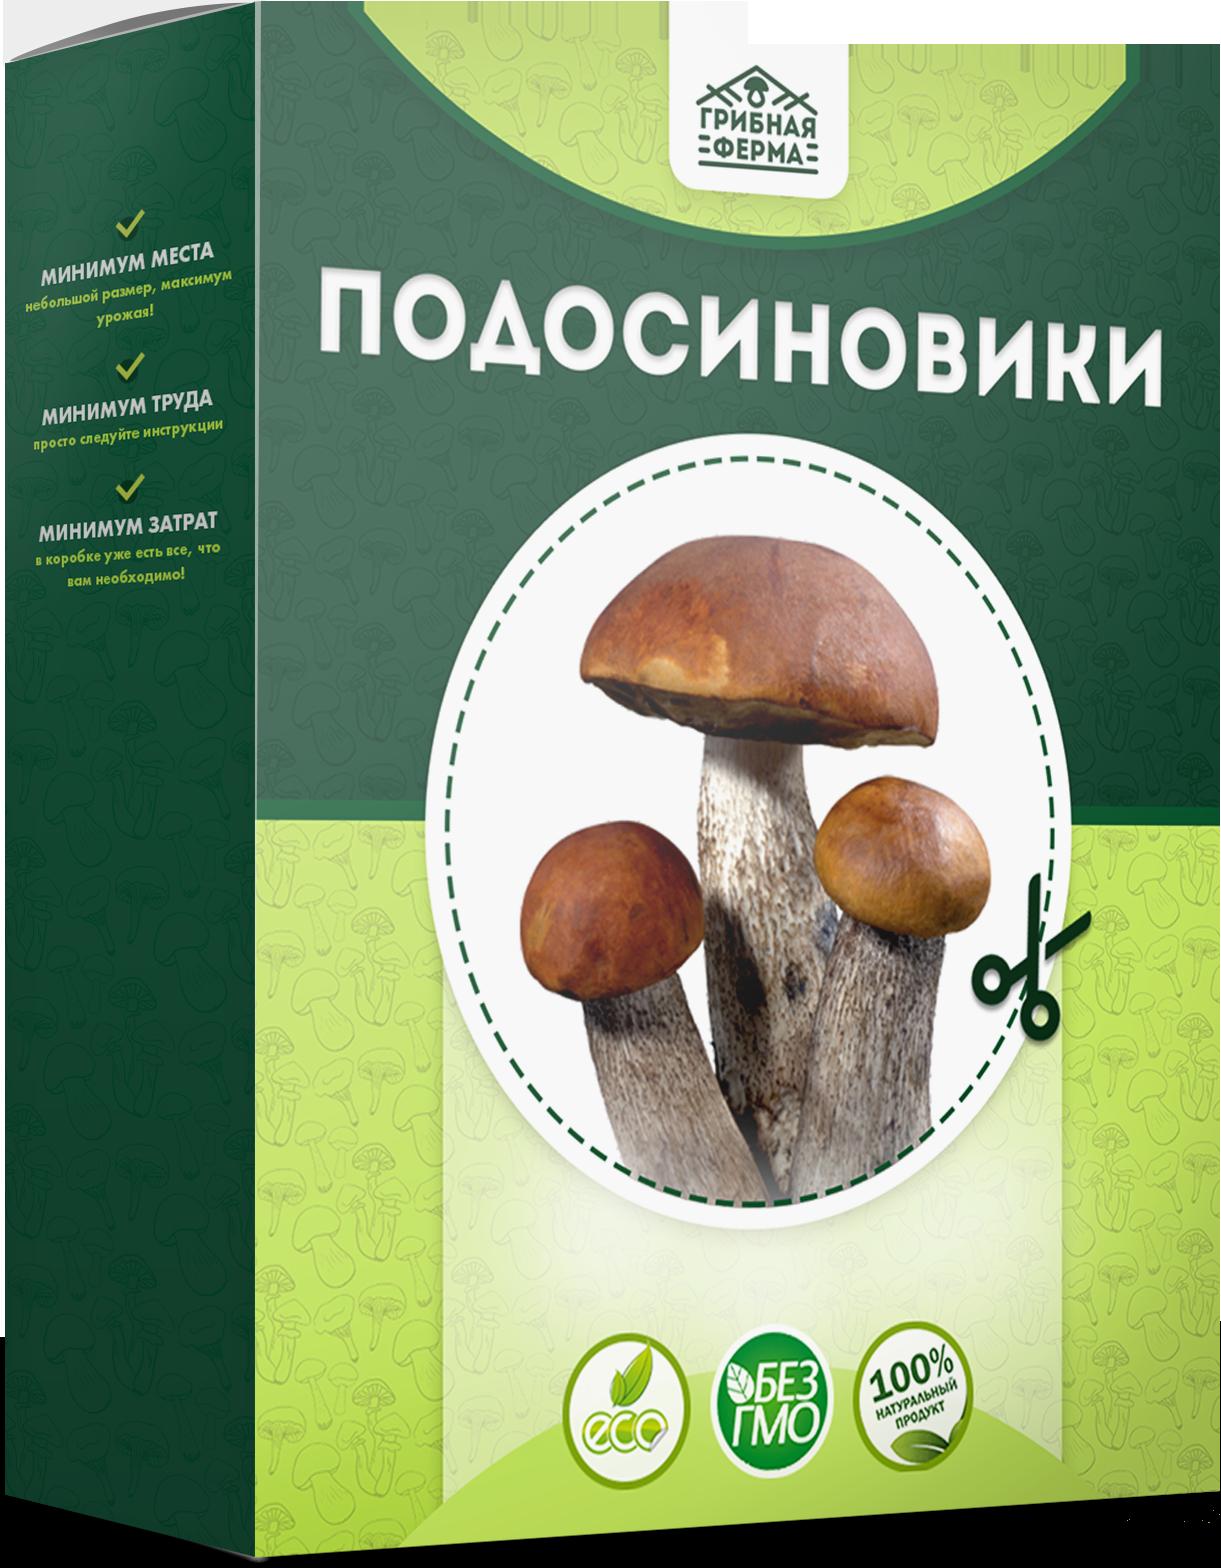 реальные отзывы о грибах в грибной корзине, выращенных в домашних условиях + фото 1